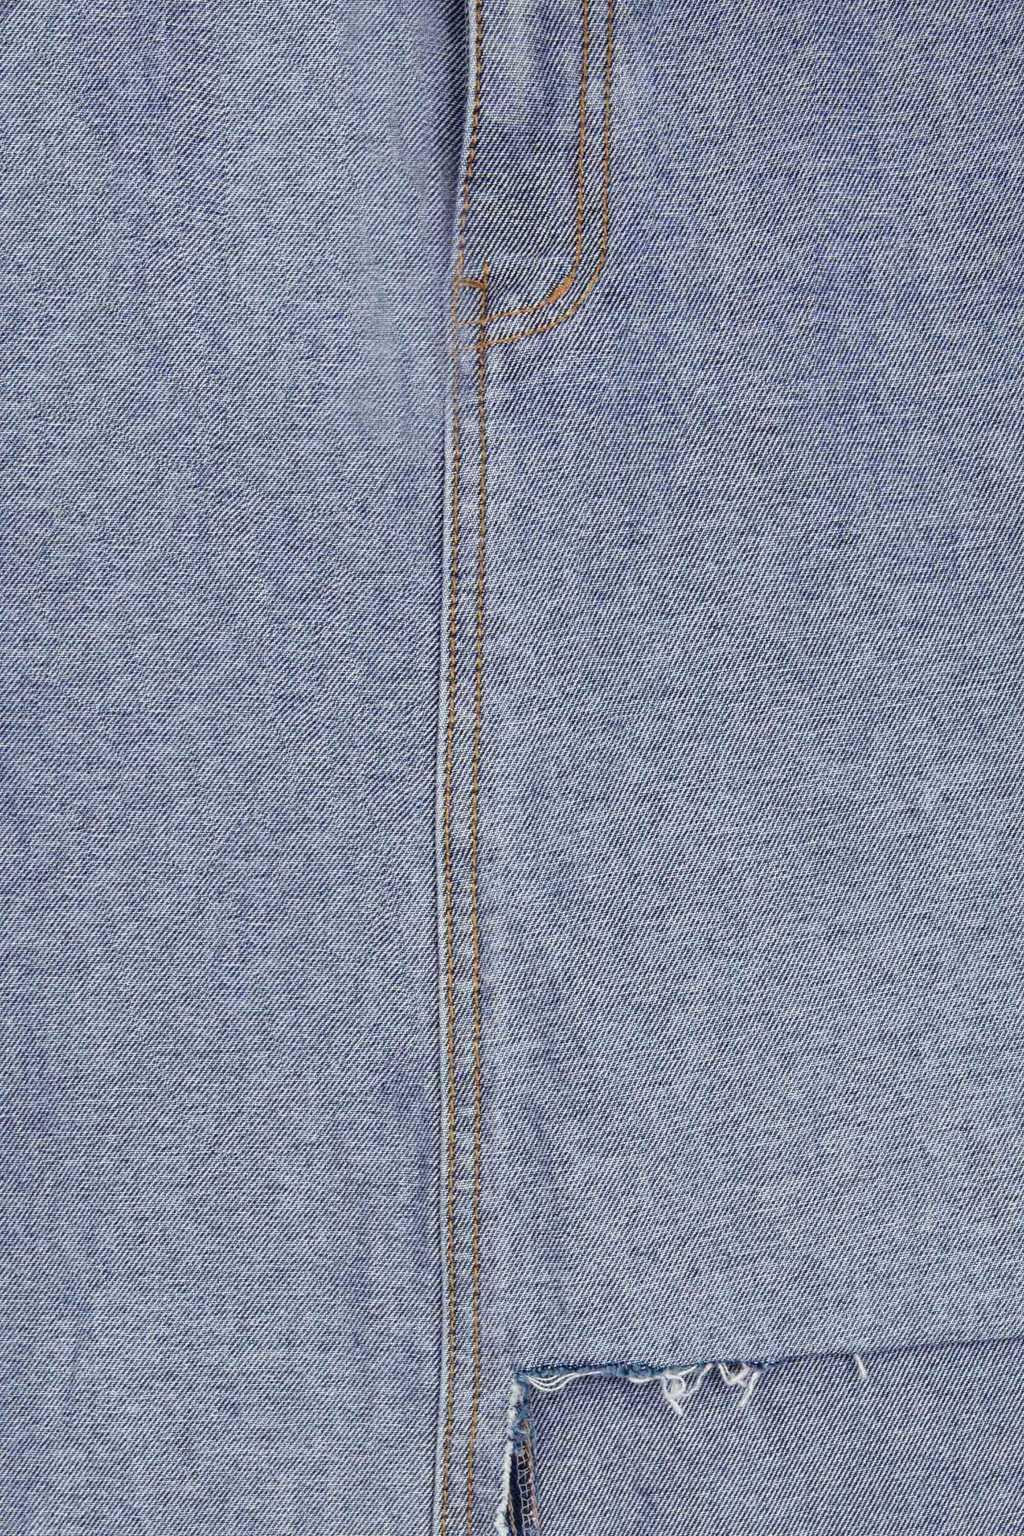 Skirt H094 Indigo 4